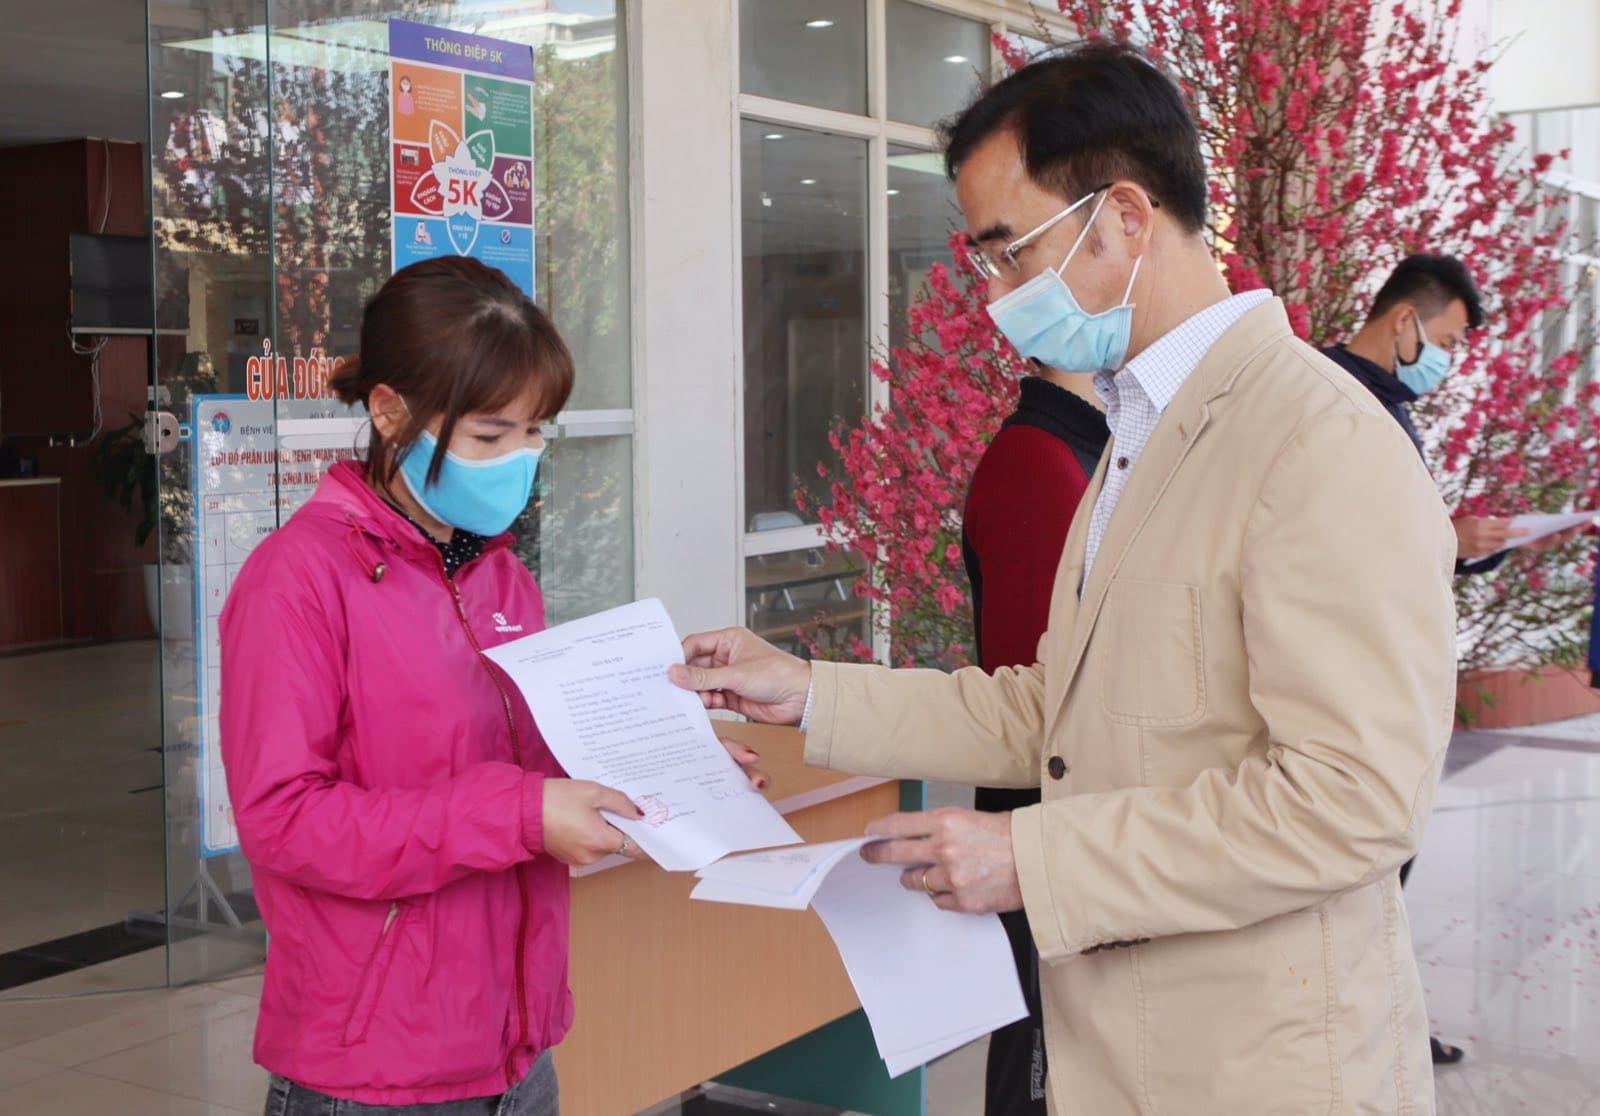 Bác sĩ Bệnh viện Bạch Mai lao vào tâm dịch Hải Dương ngày 30 Tết - hình ảnh 1